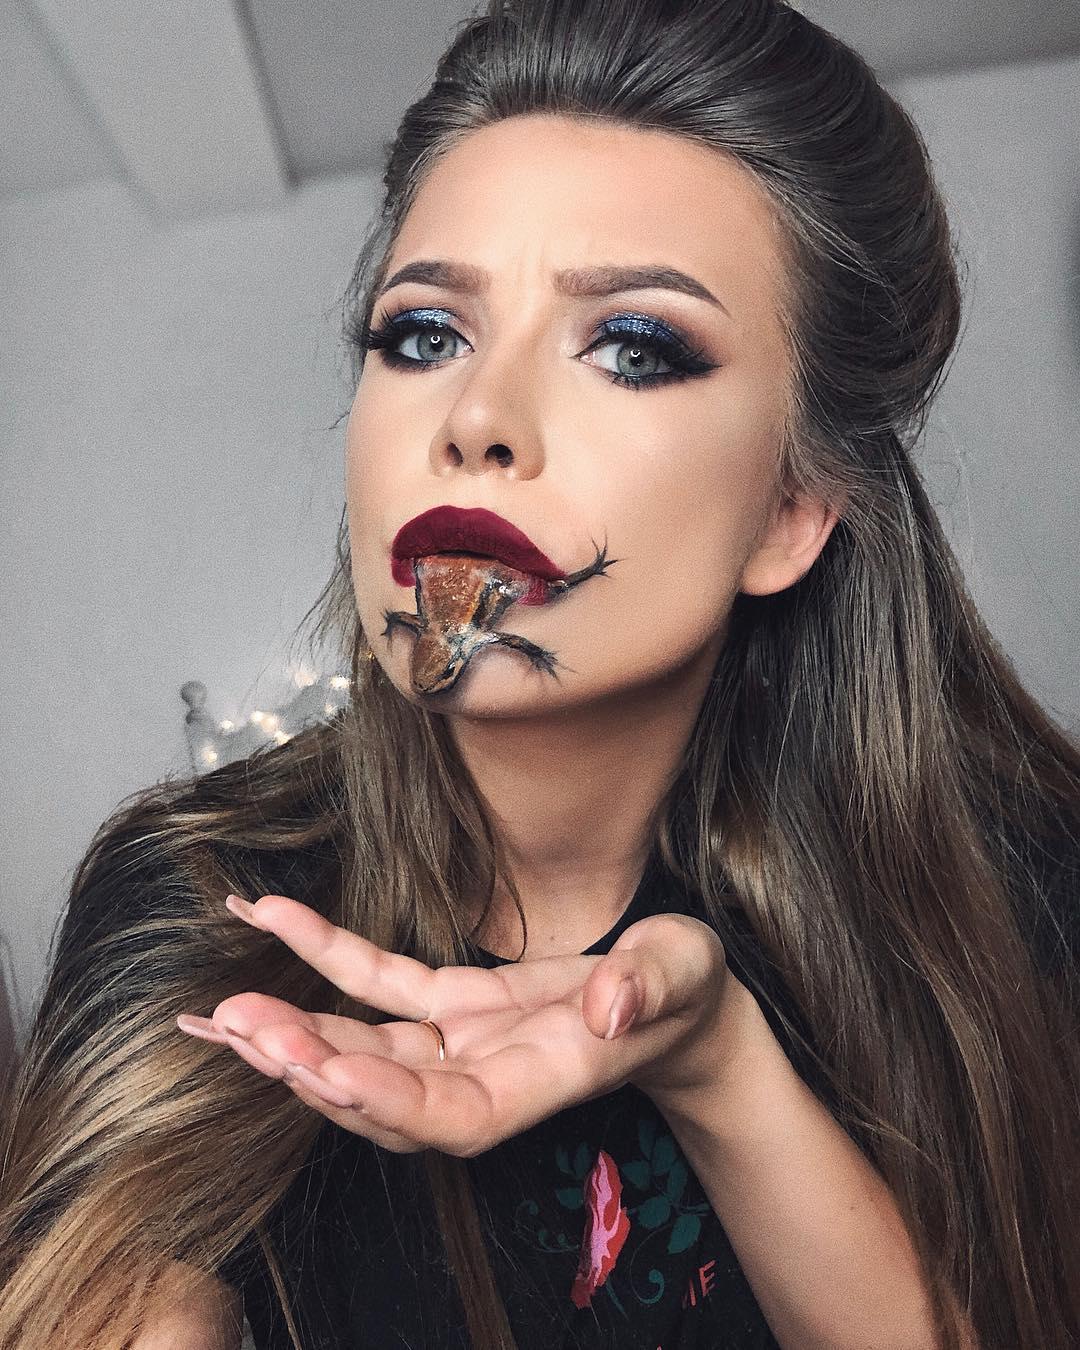 Впечатляющие иллюзии на лице визажиста-самоучки Моники Фальчик